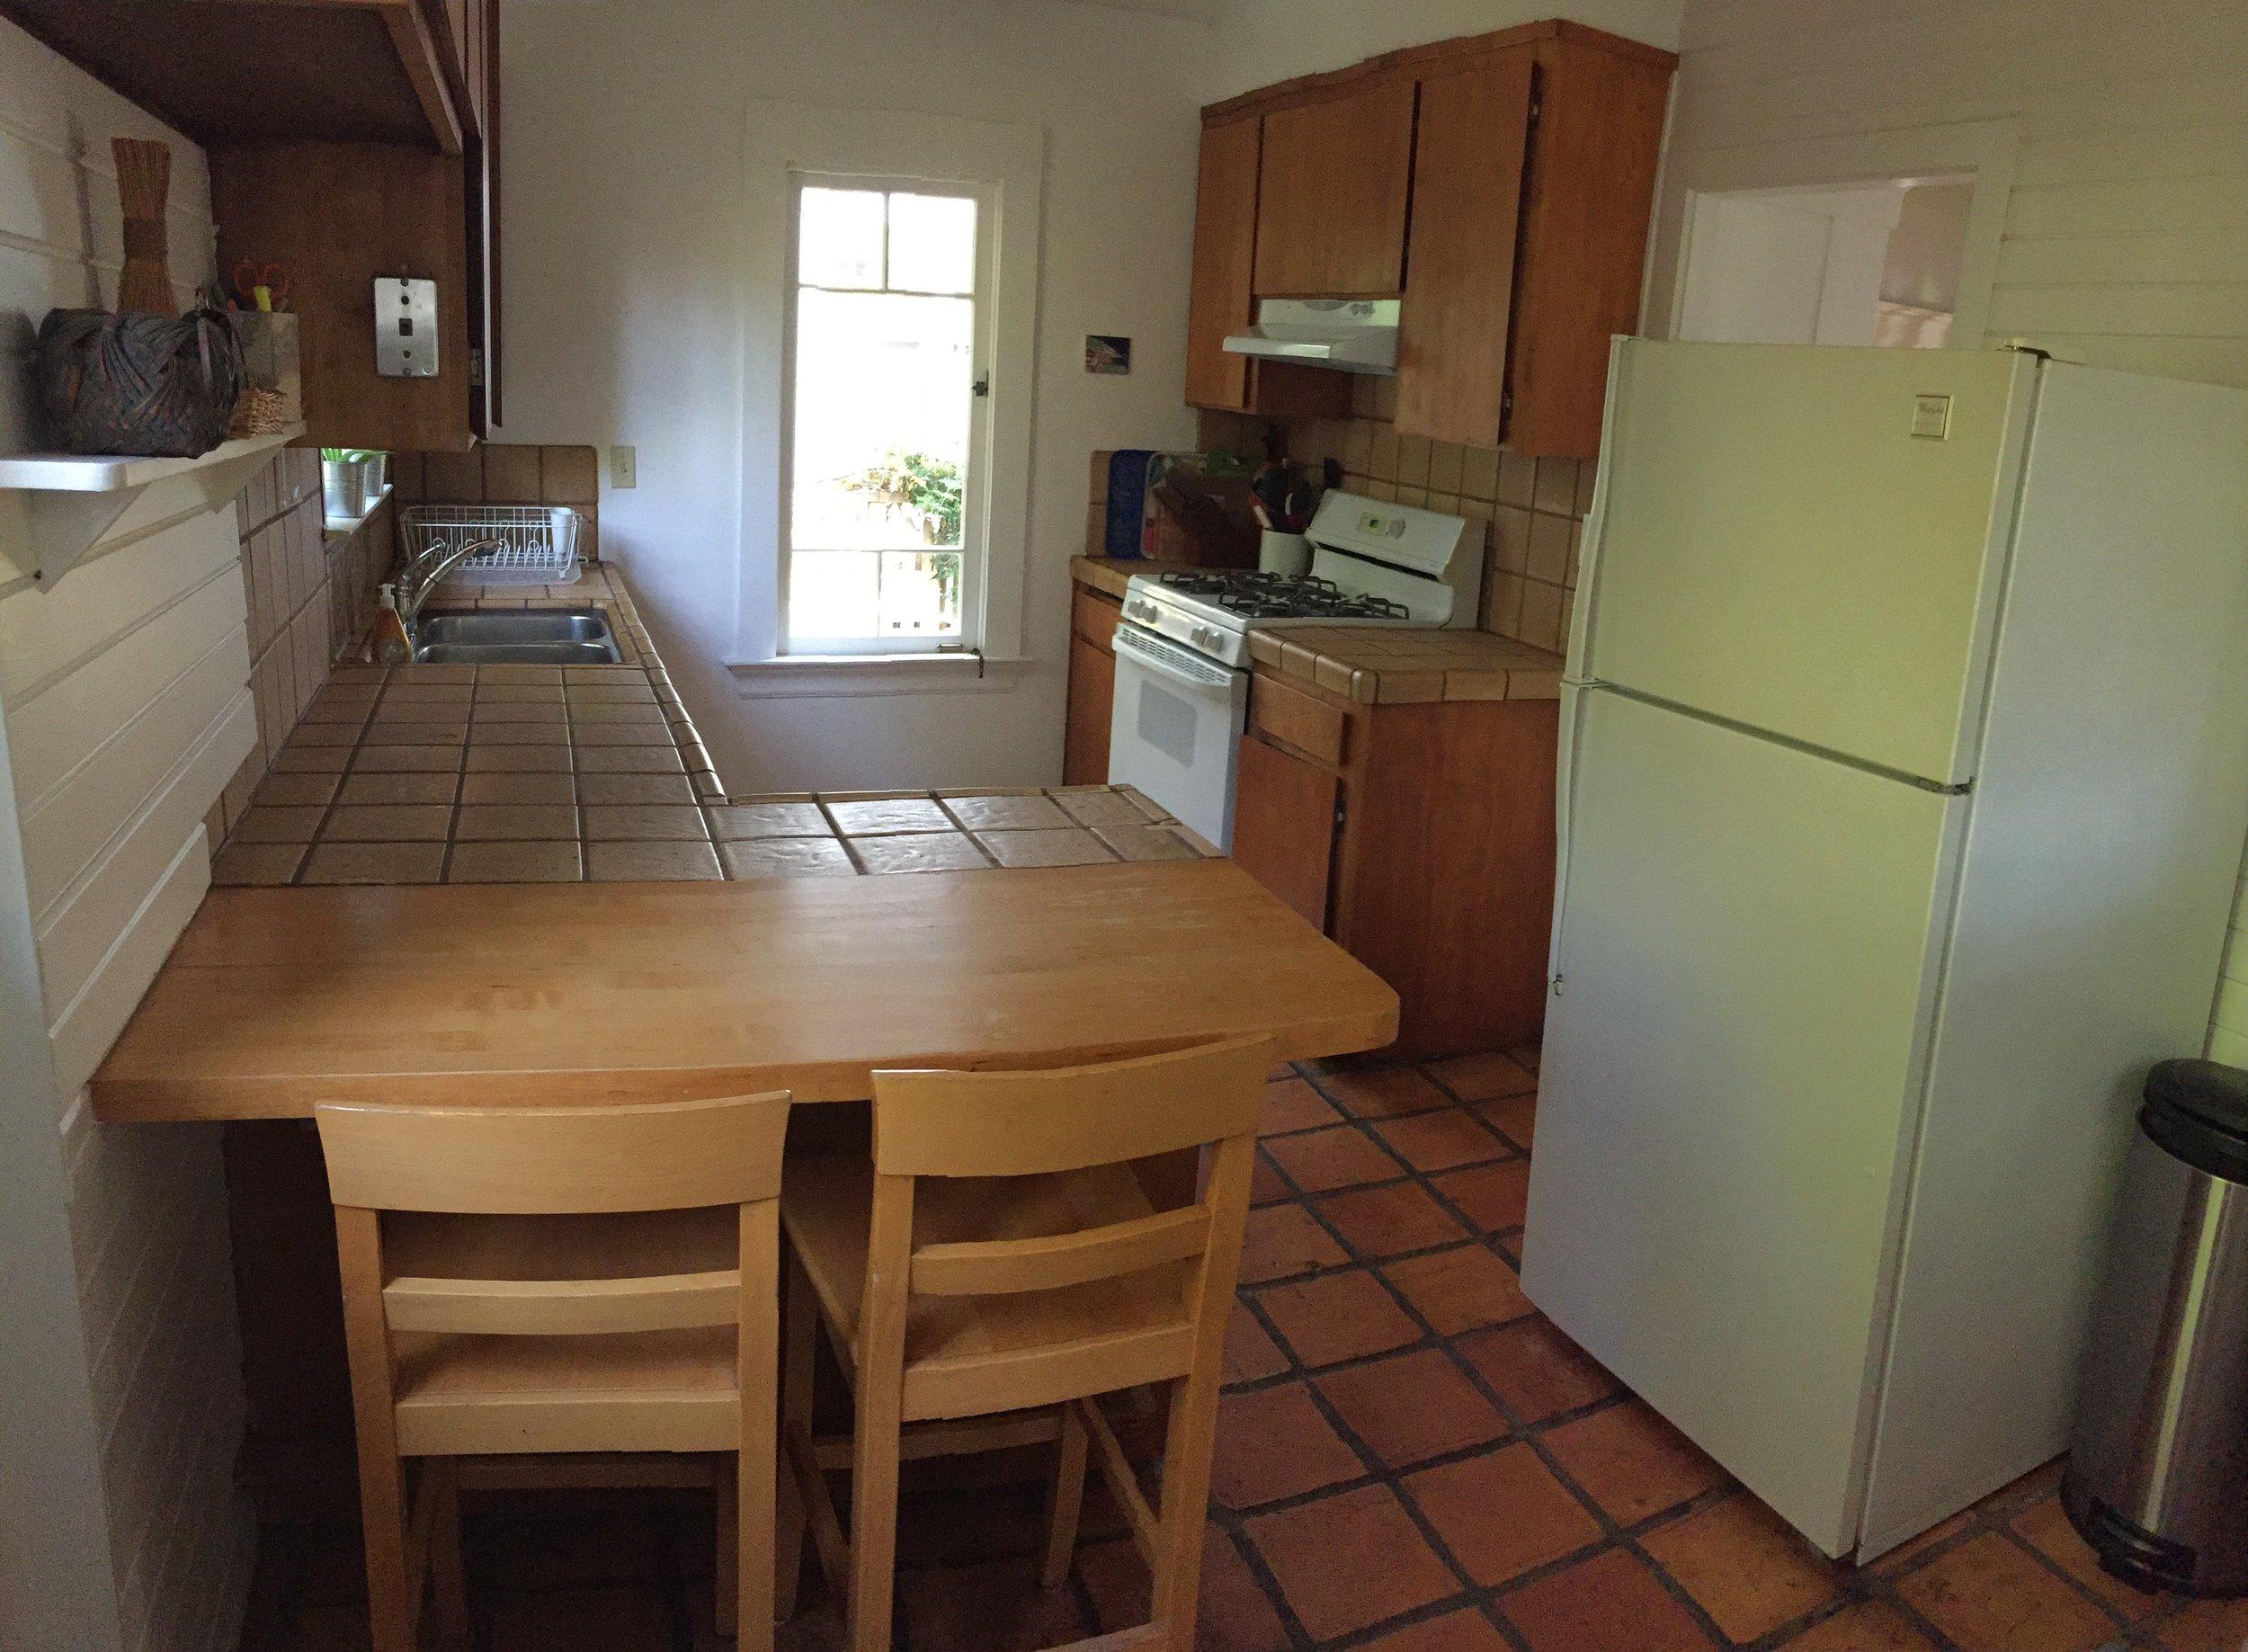 kitchenlittlebar.jpg